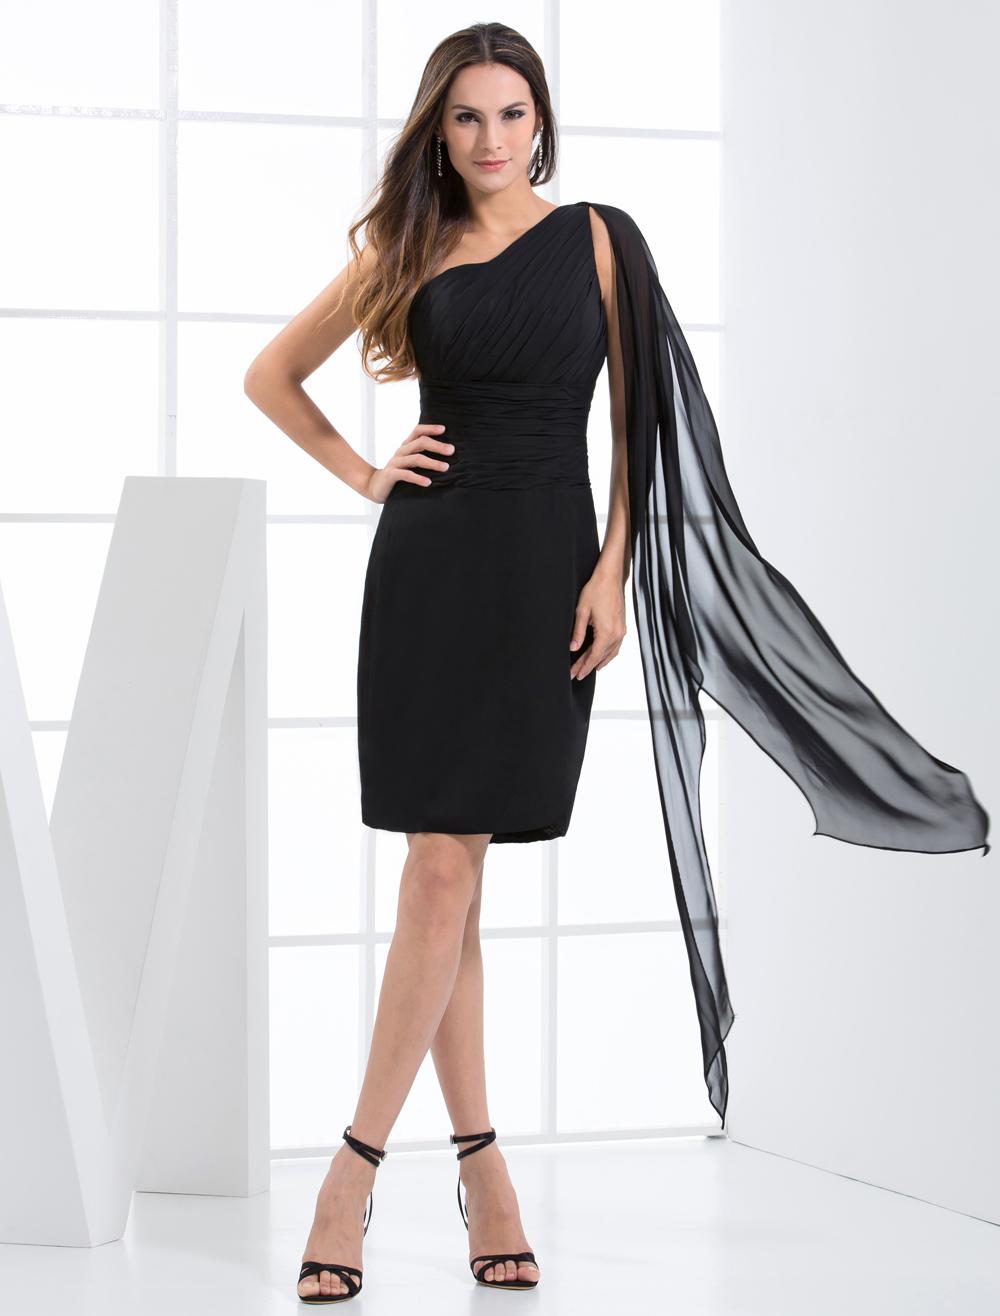 22cc301ae9f Black One-Shoulder Chiffon Cocktail Dress Wedding Guest Dress ...